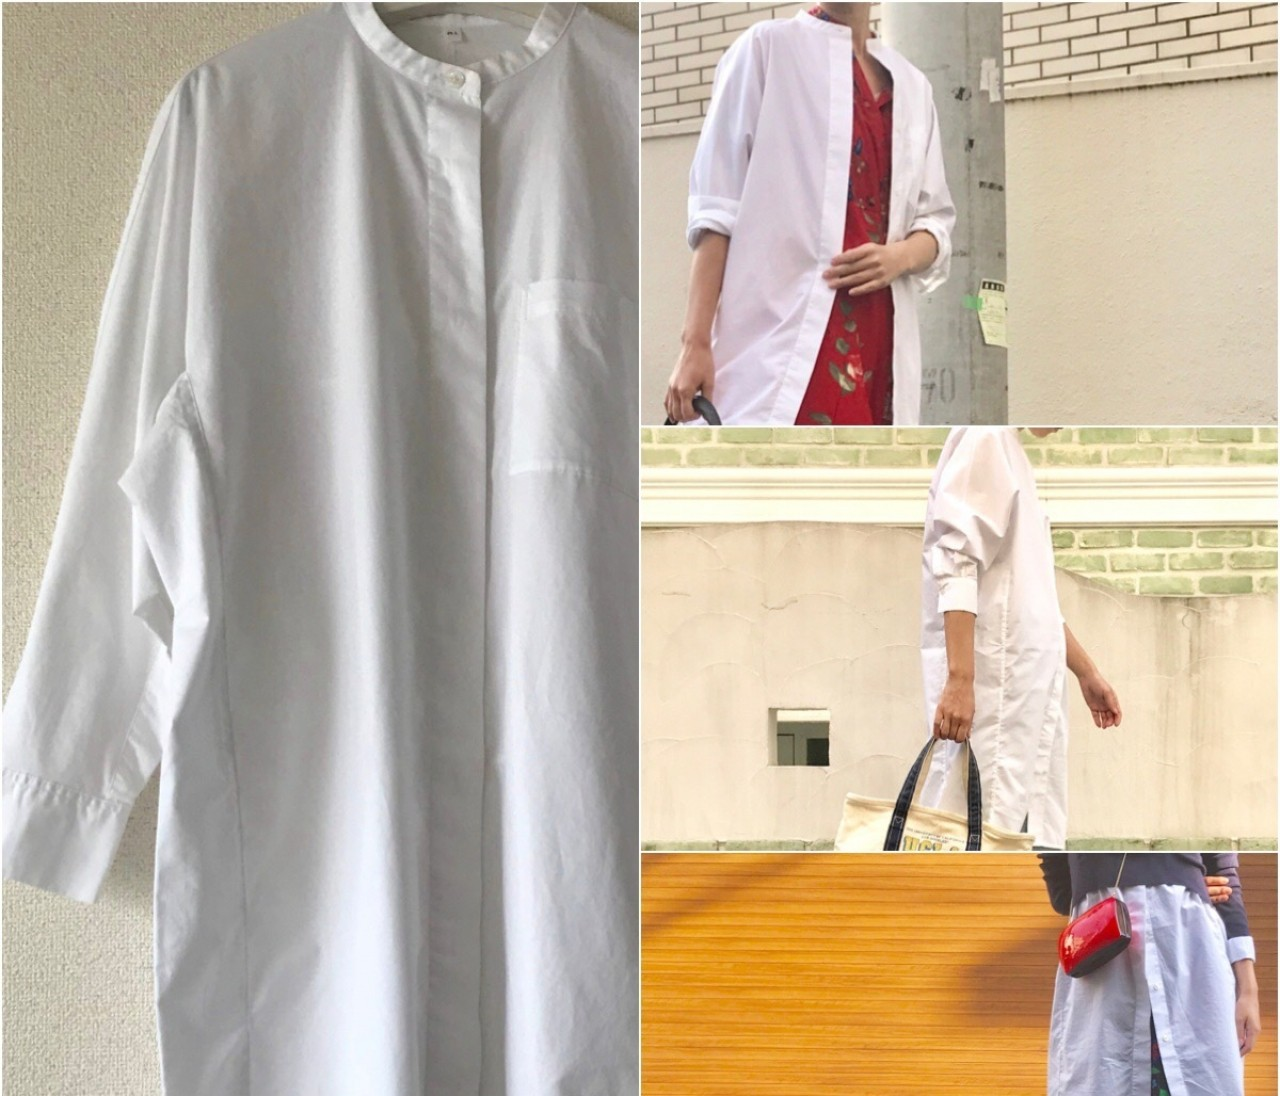 シンプルゆえに着回し自在♡【無印良品のシャツワンピース】が最高!!!